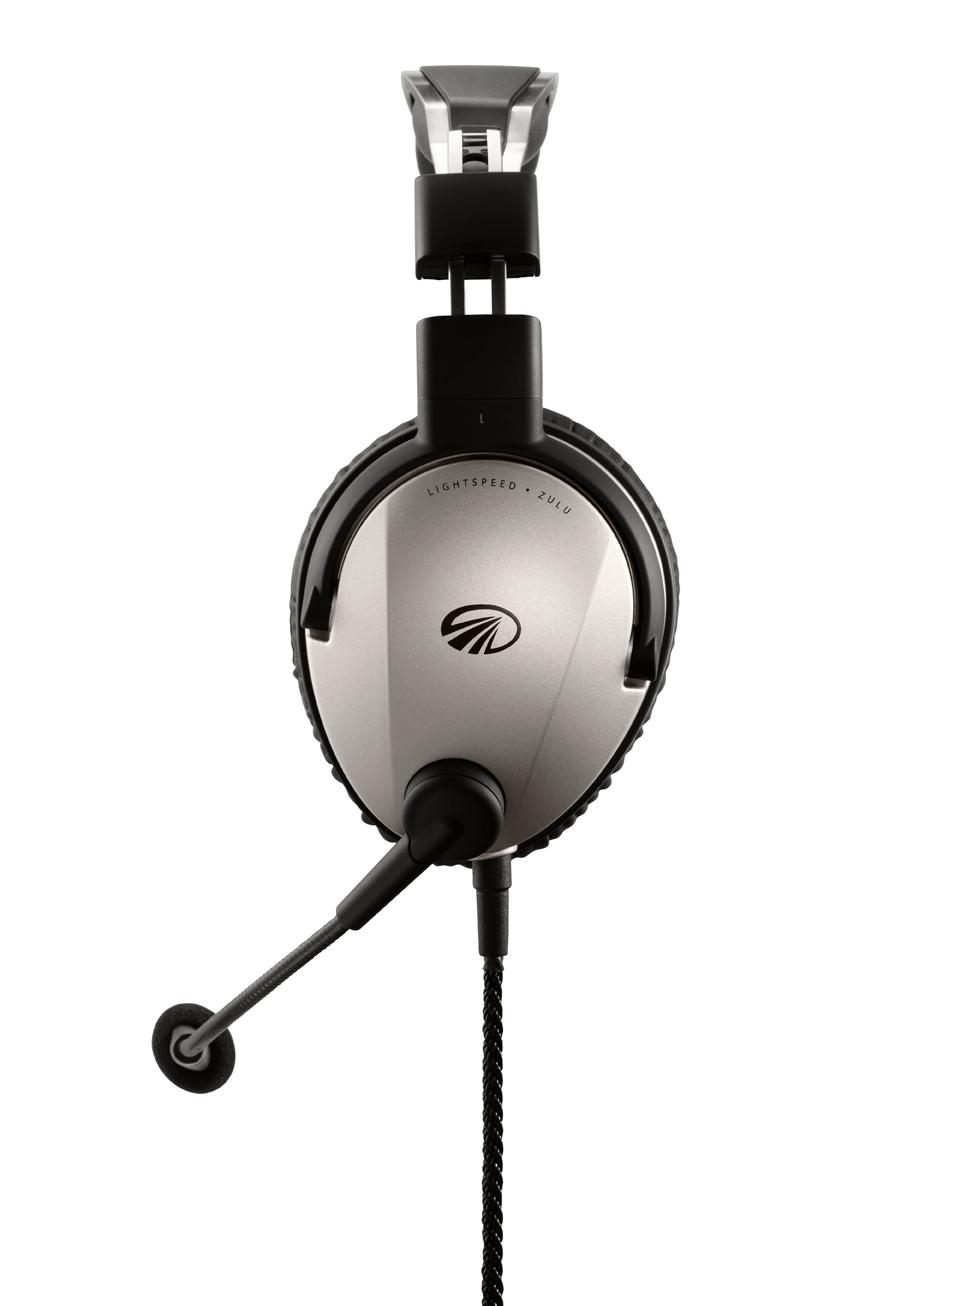 Lightspeed Zulu 3 Pilot Headset Mypilotstore Com